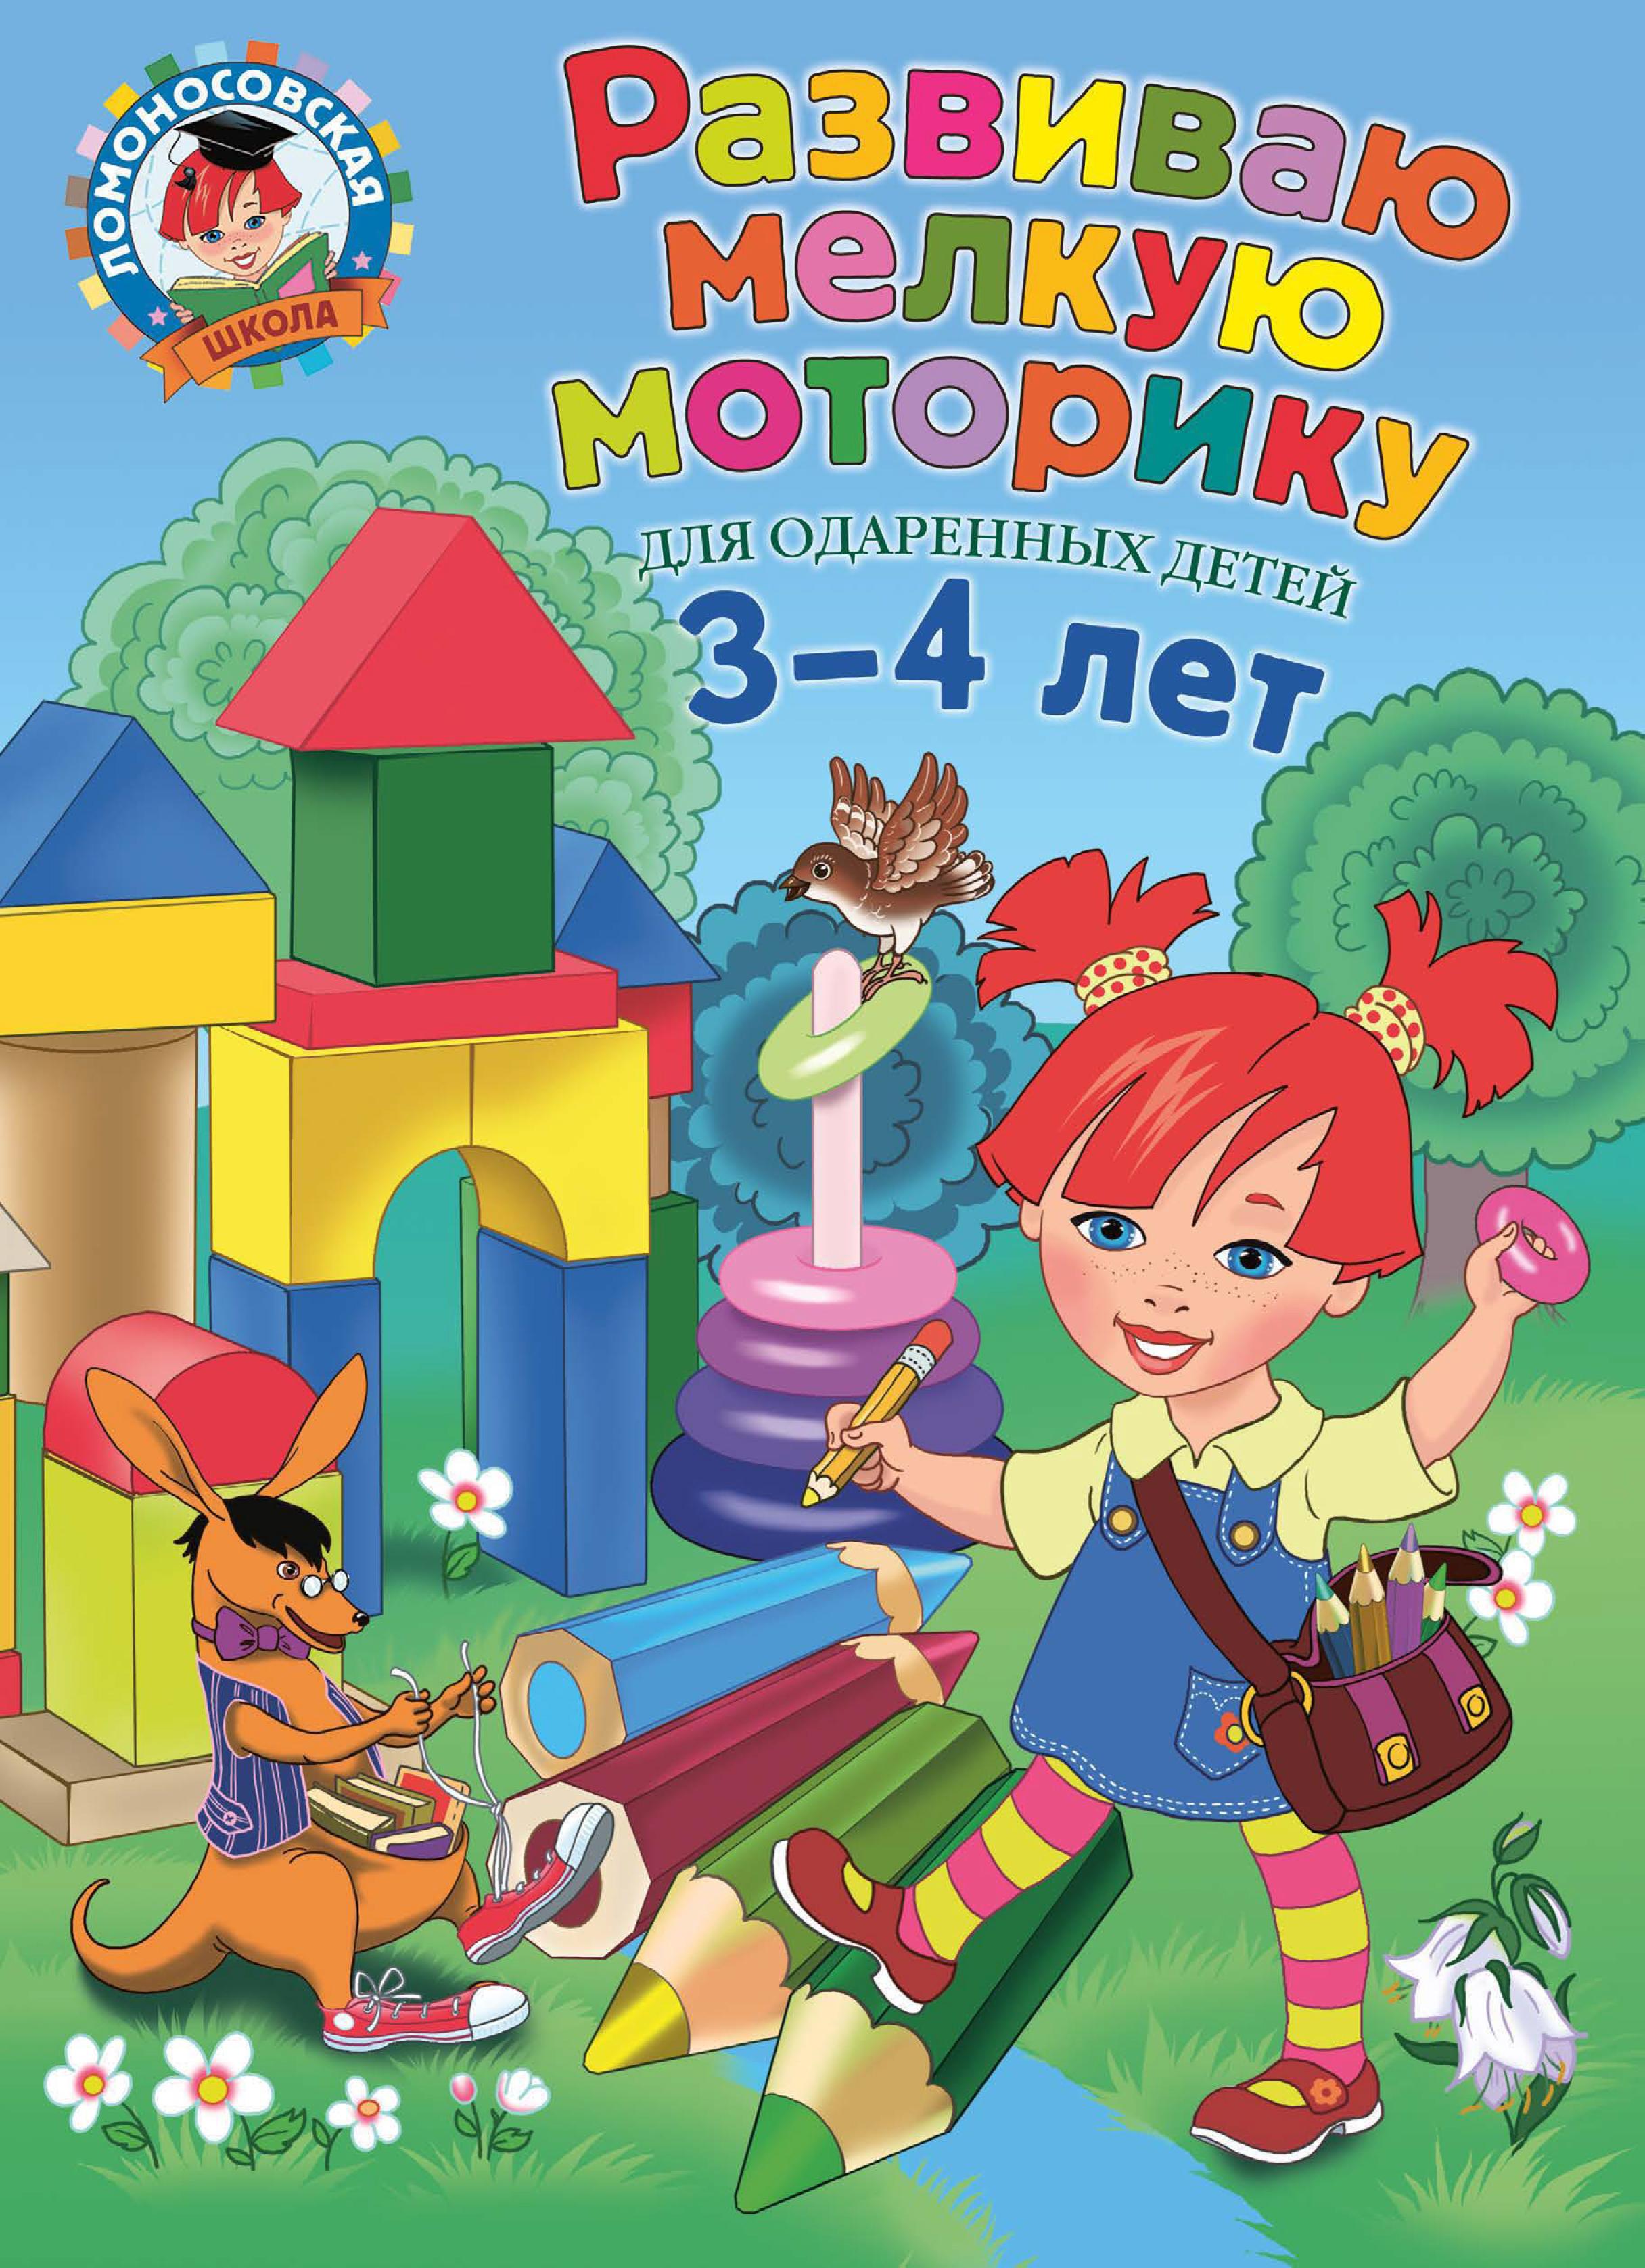 Н. В. Володина Развиваю мелкую моторику: для детей 3-4 лет володина н развиваю мелкую моторику для детей 3 4 лет